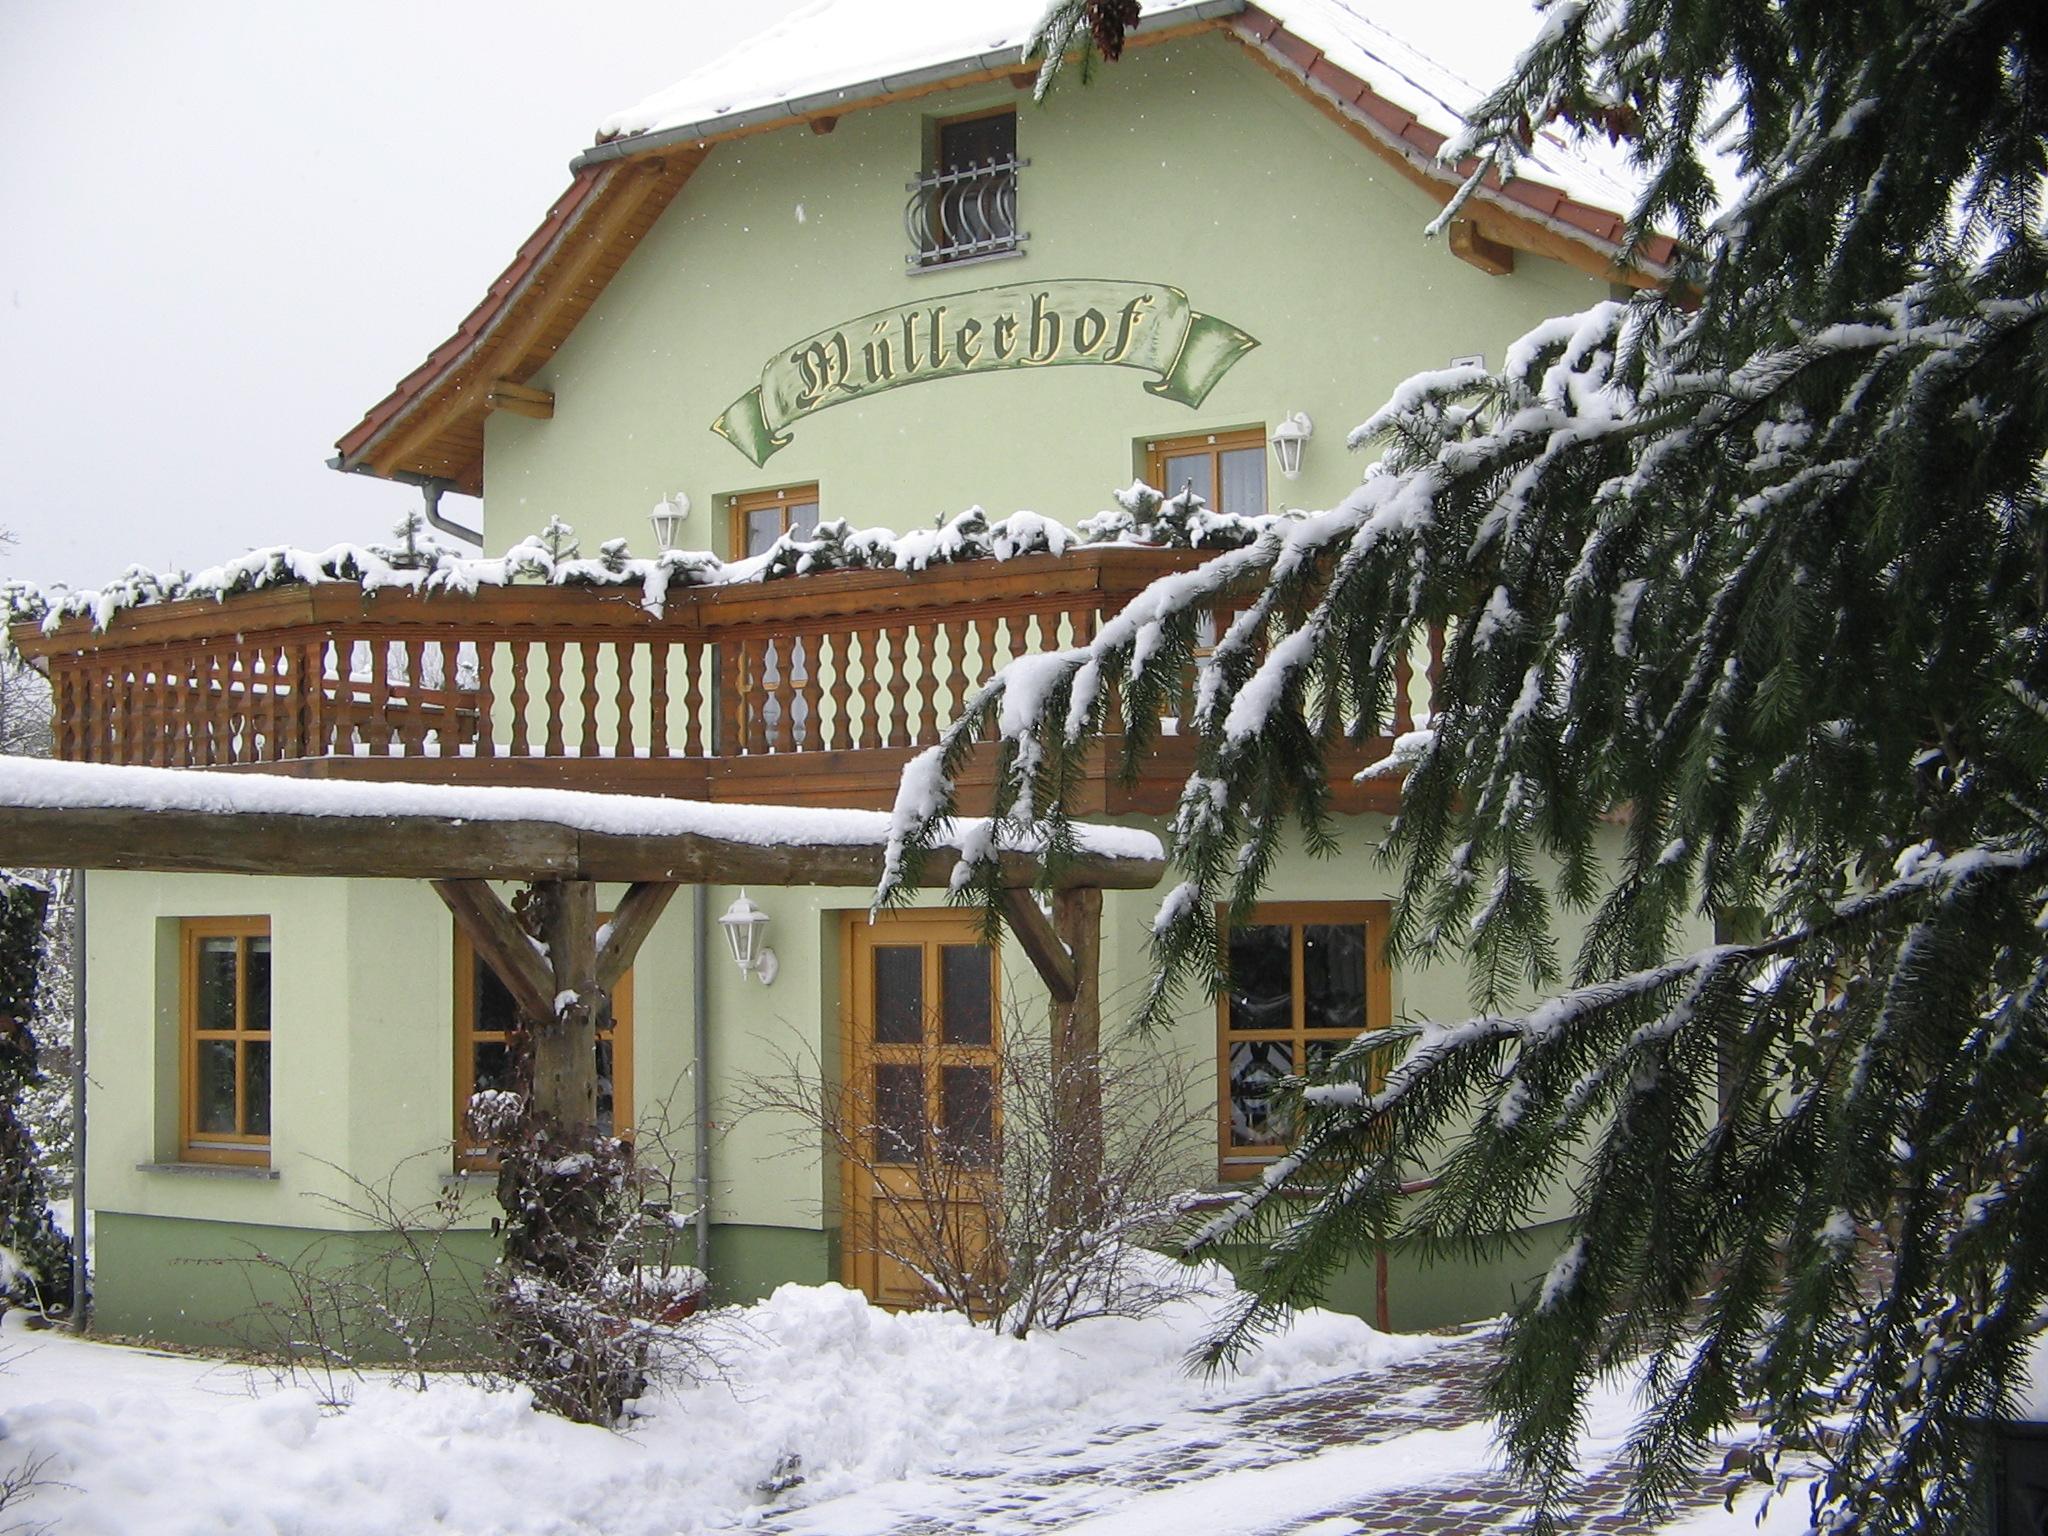 pension müllerhof